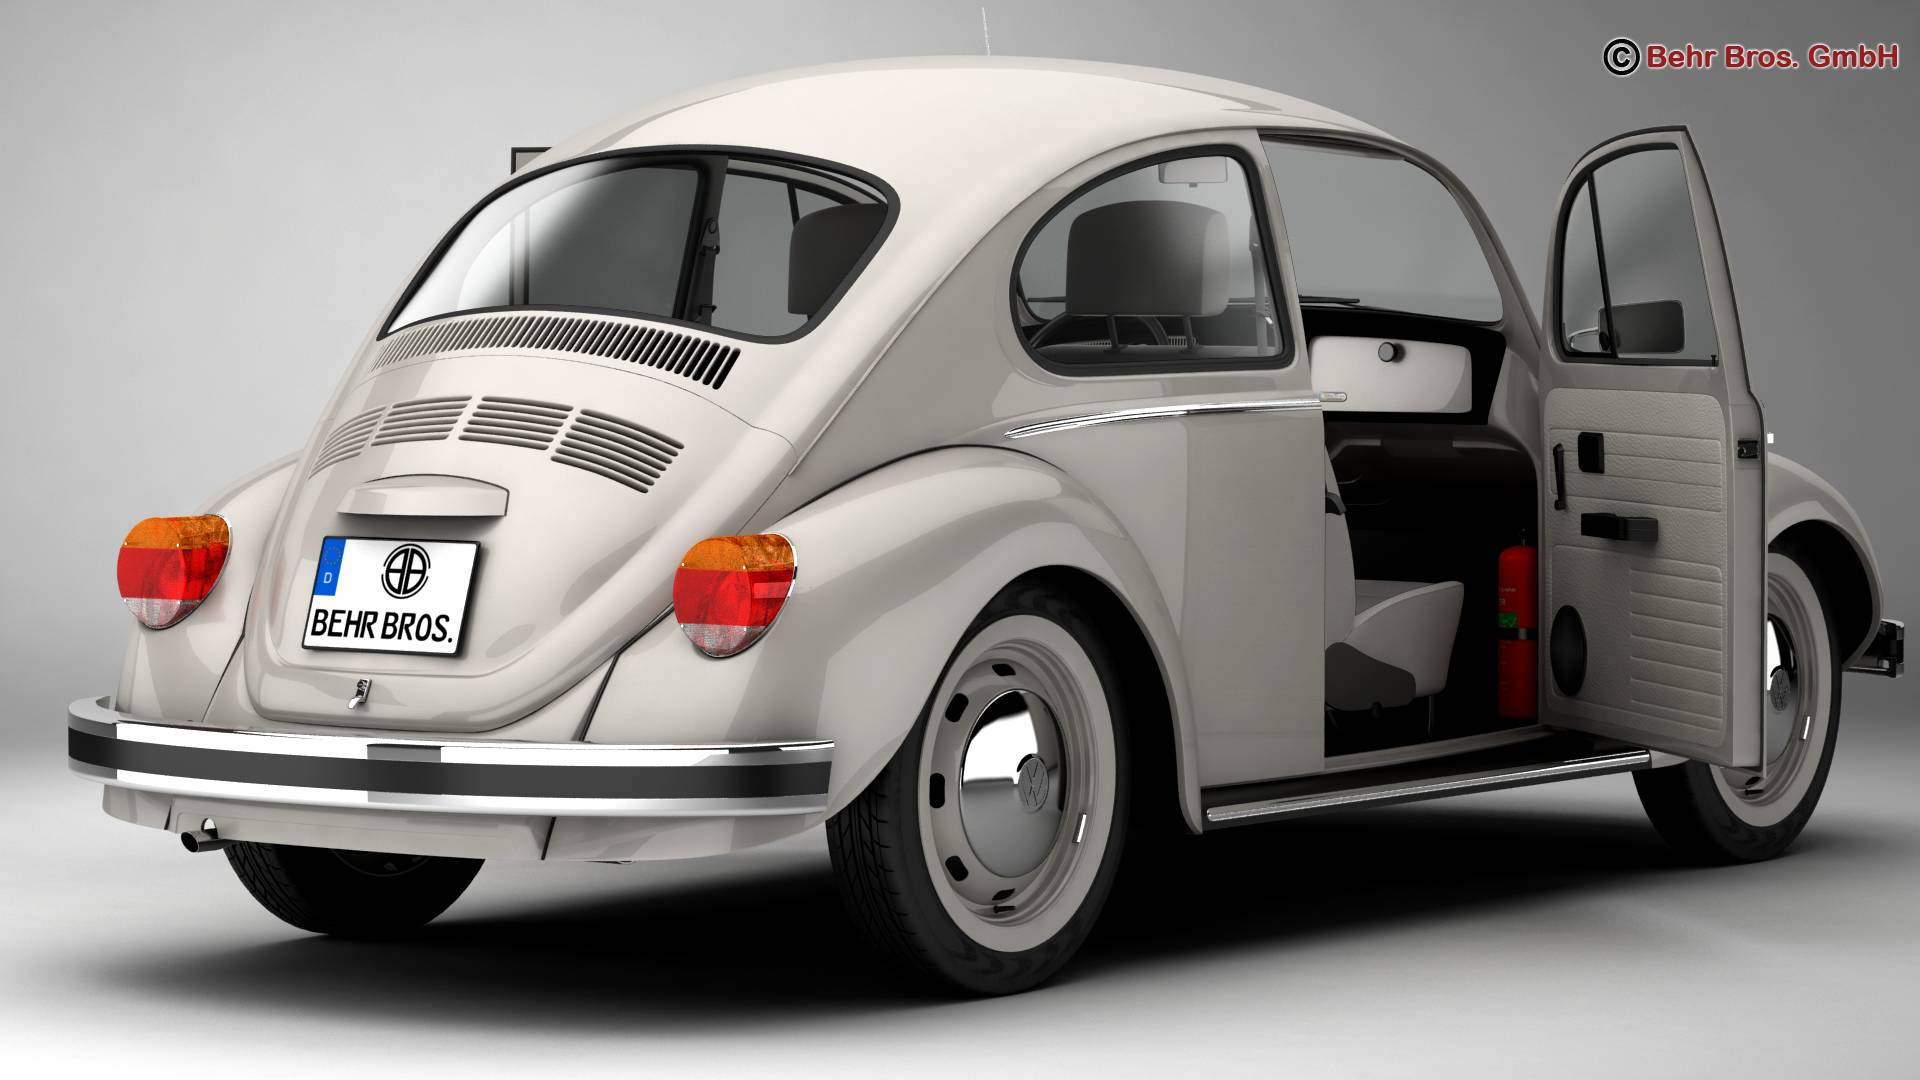 volkswagen beetle 2003 ultima edicion 3d model 3ds max fbx c4d lwo ma mb obj 220881